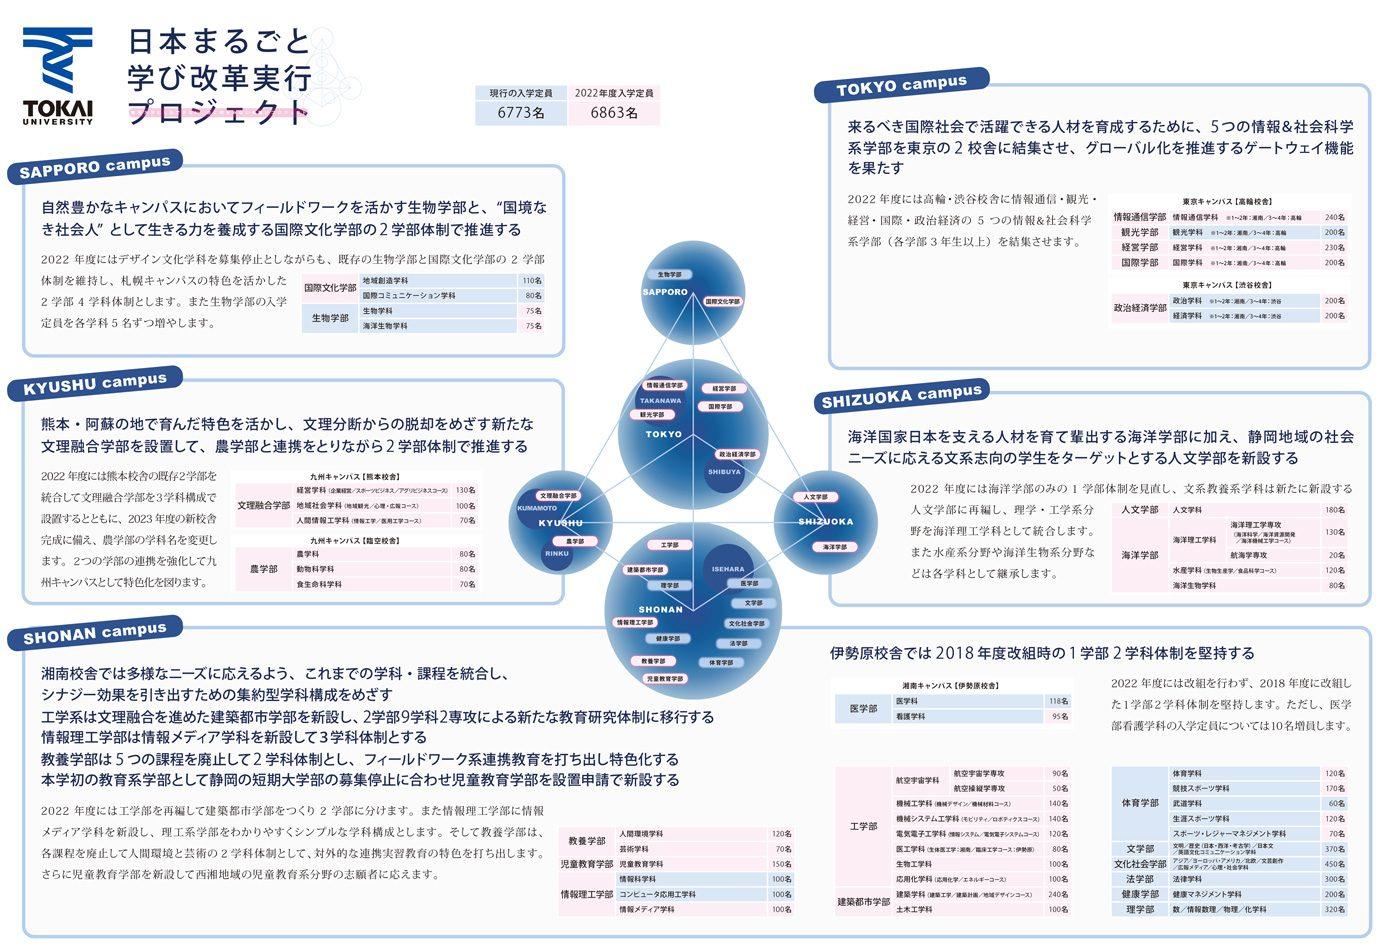 日本まるごと学び改革実行プロジェクトの概要つづき